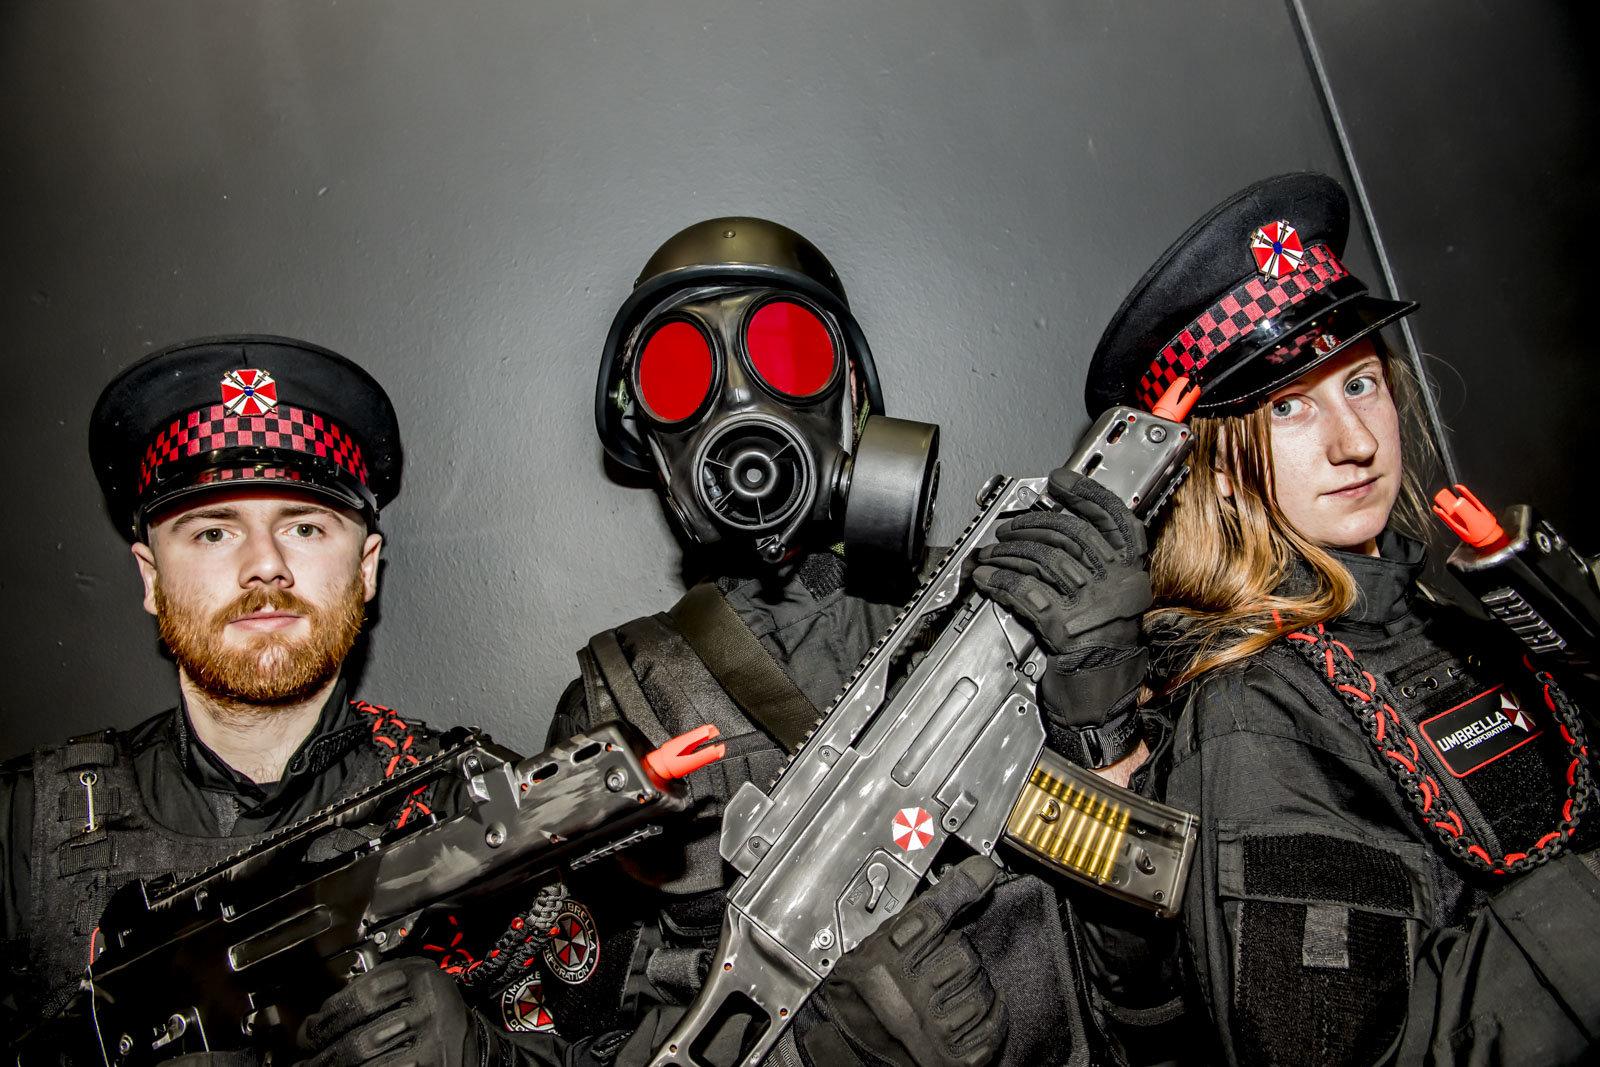 Umbrella Corp goons at ComicCon